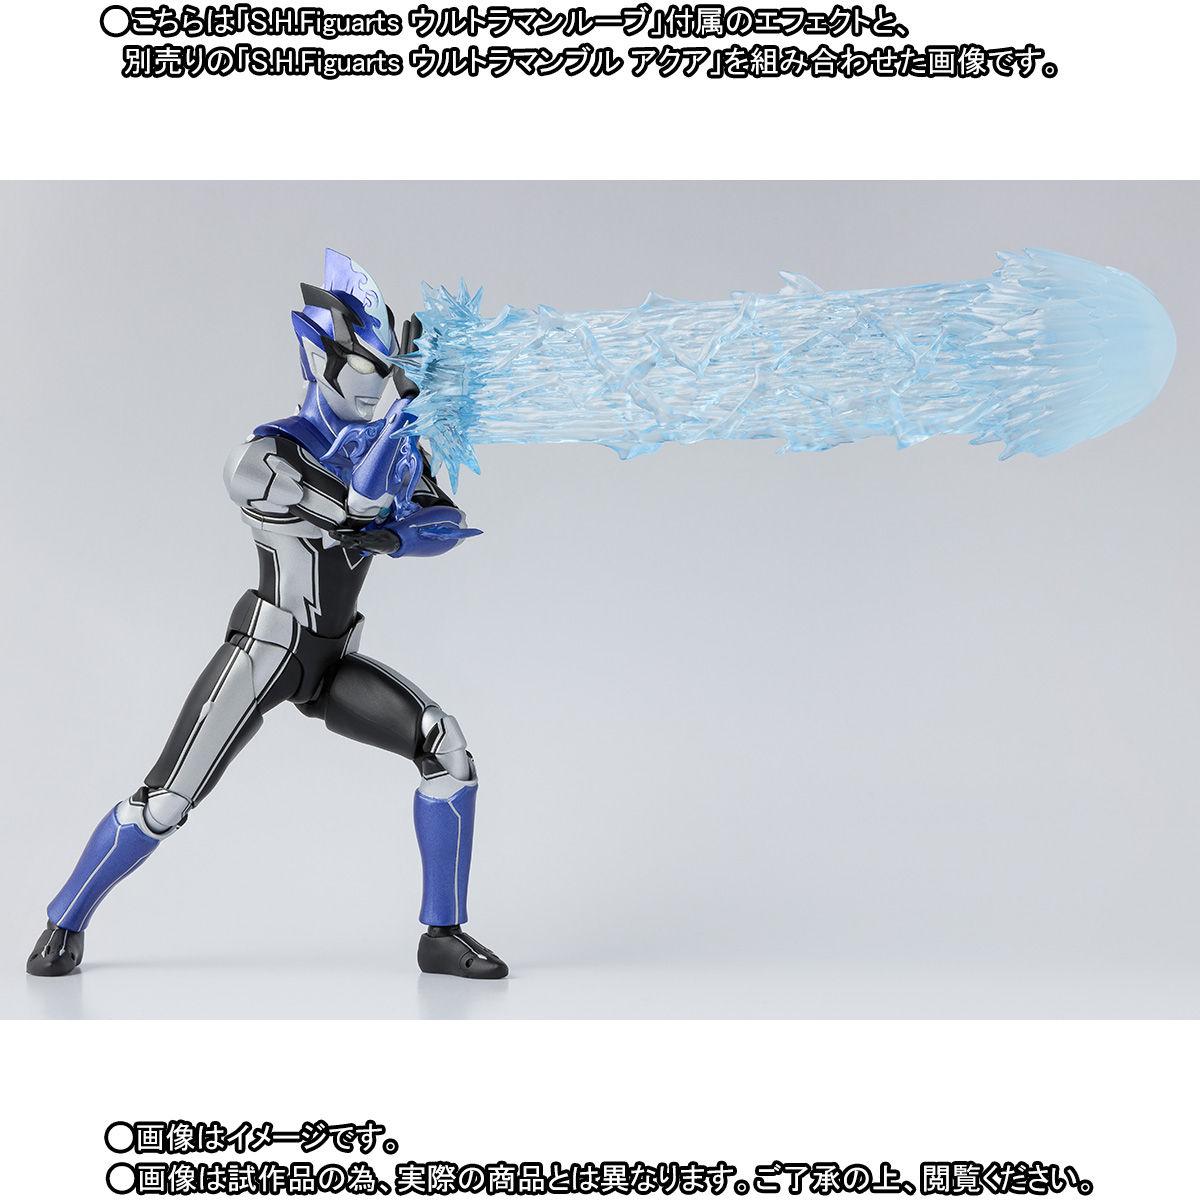 S.H.フィギュアーツ『ウルトラマンルーブ』ウルトラマンR/B 可動フィギュア-006